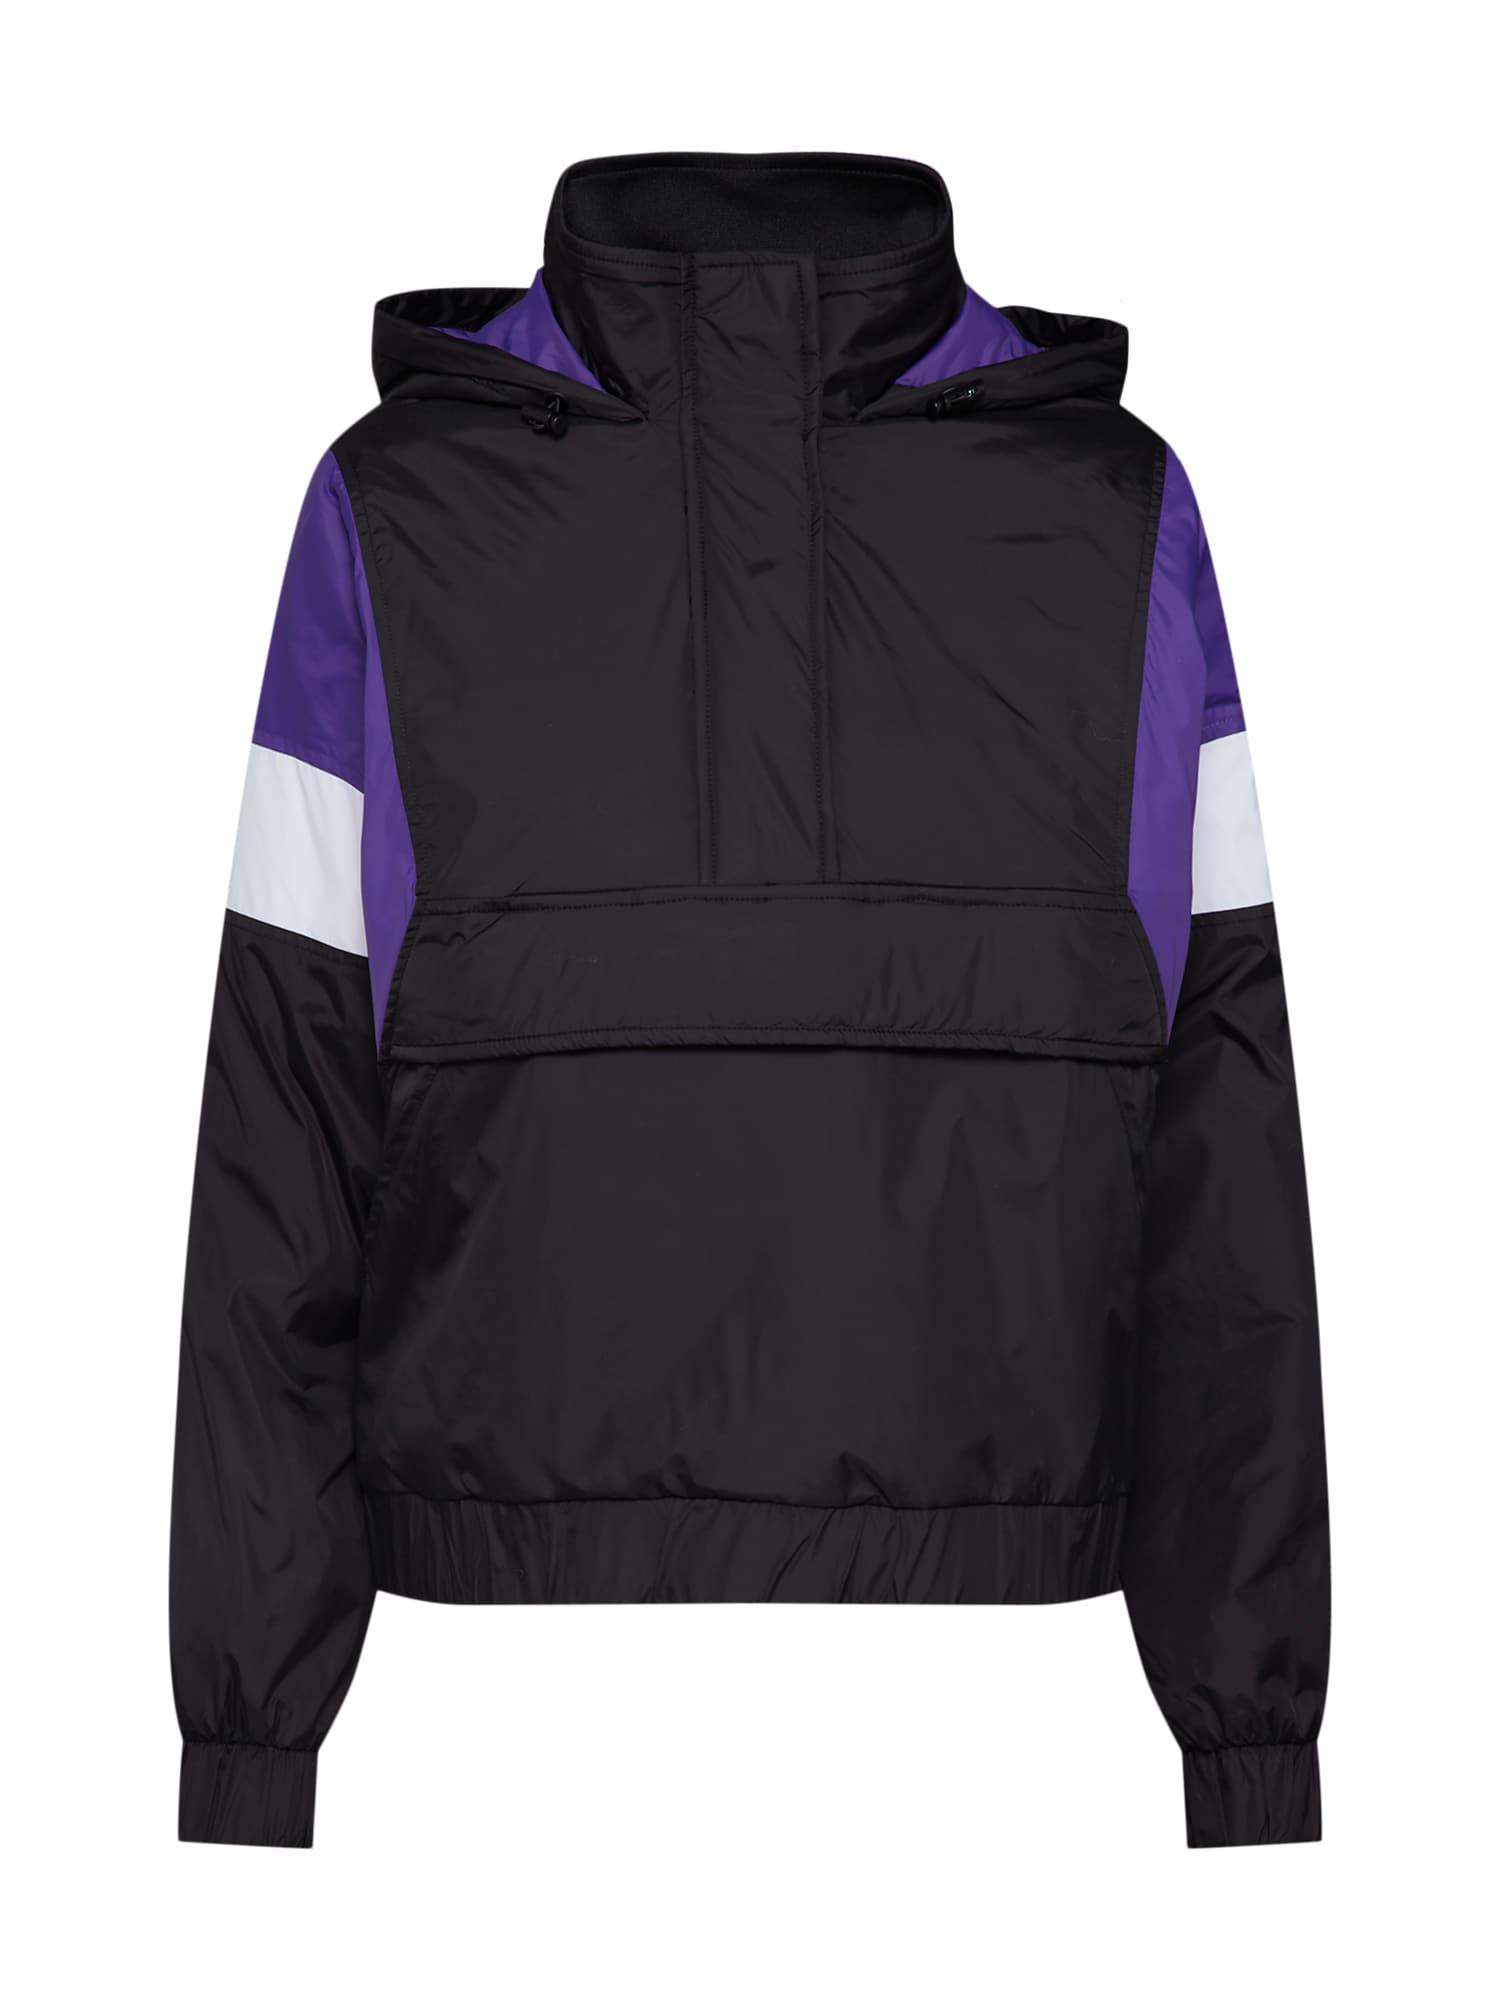 Přechodná bunda tmavě fialová černá bílá Urban Classics